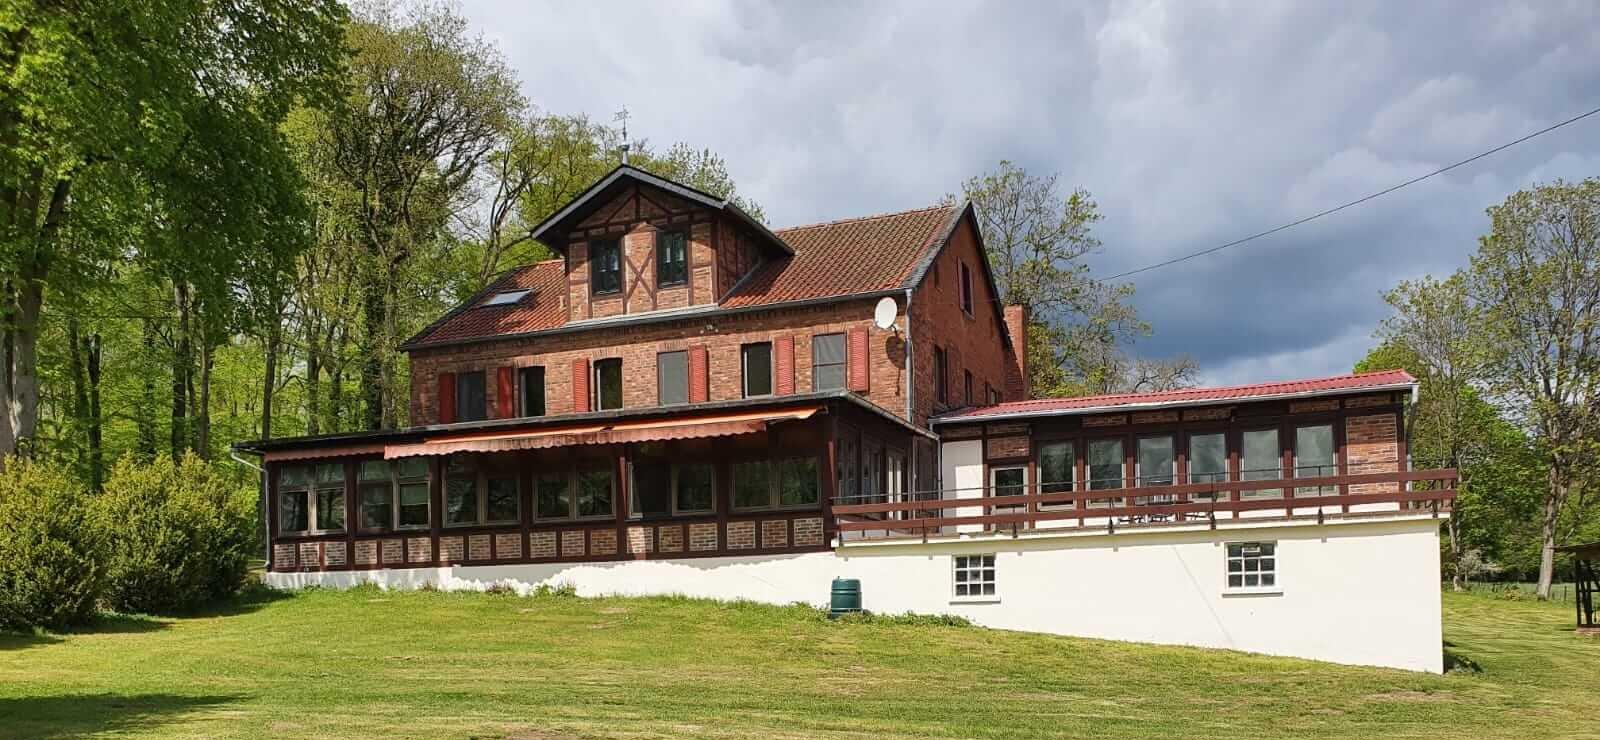 Groot vakantiehuis Waldfriede| Groot-vakantiehuis.com